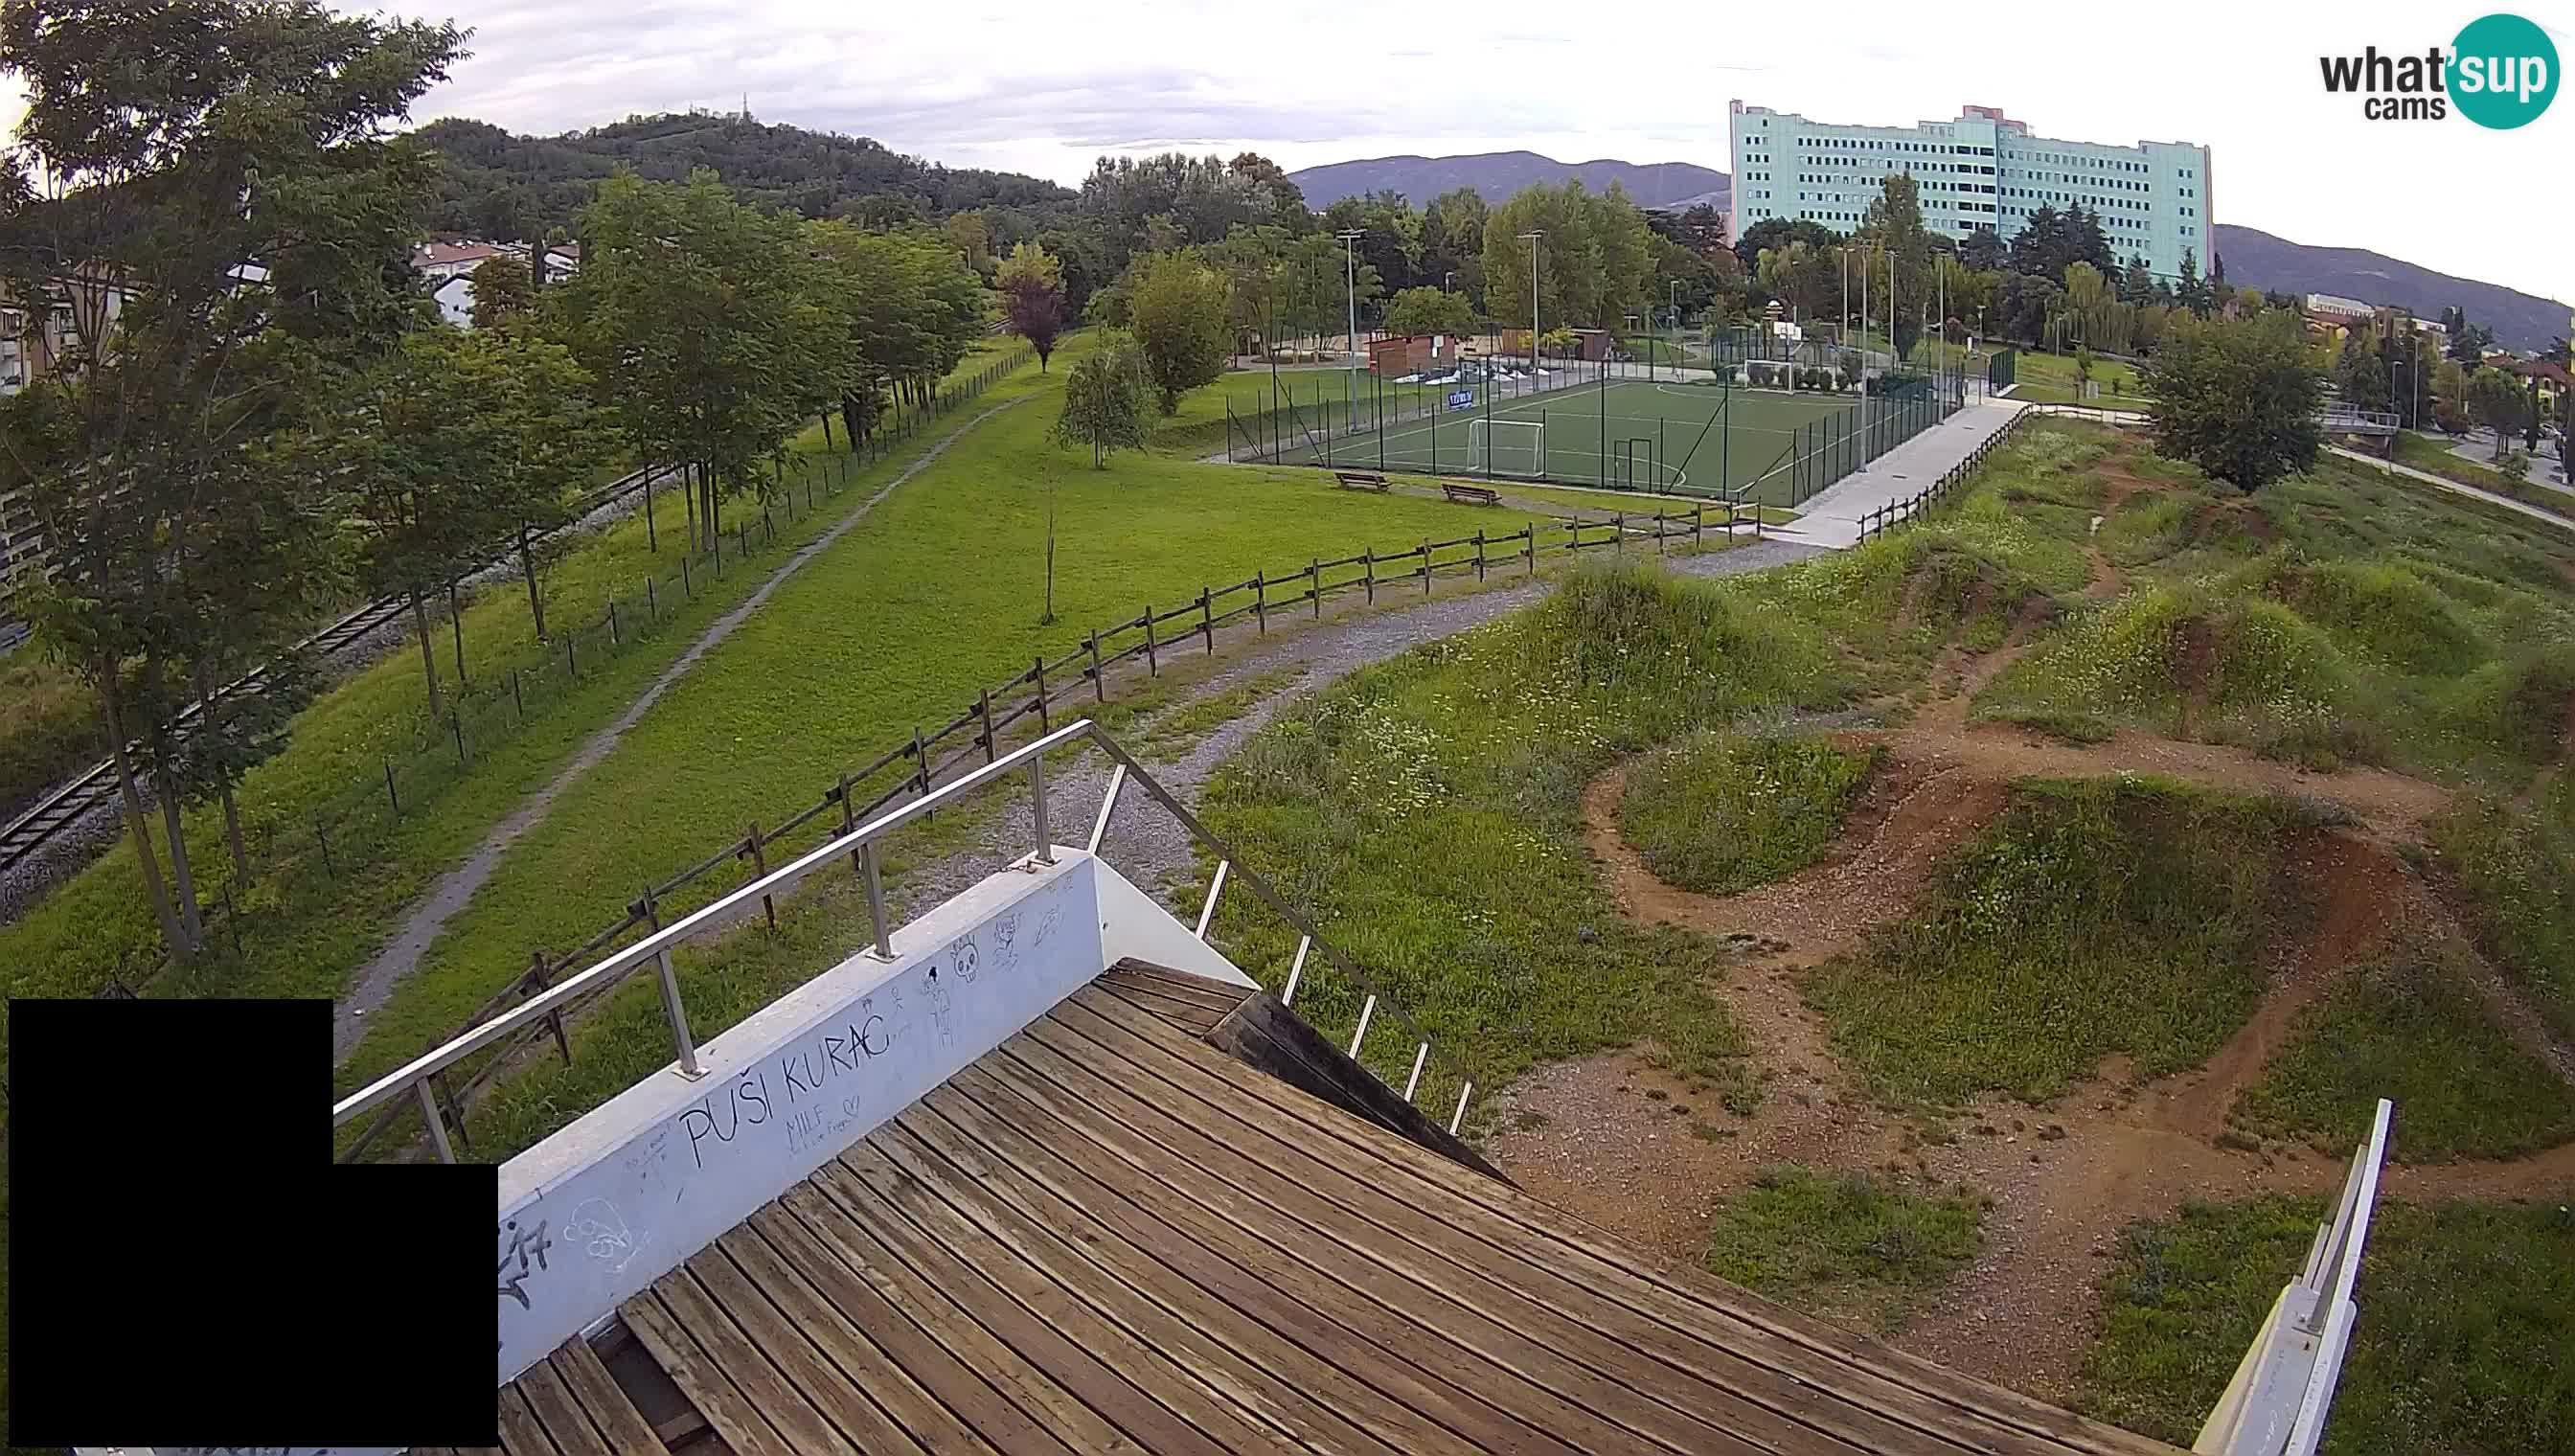 Šempeter pri Gorici sport park Live Webcam – Goriška – Slovenia